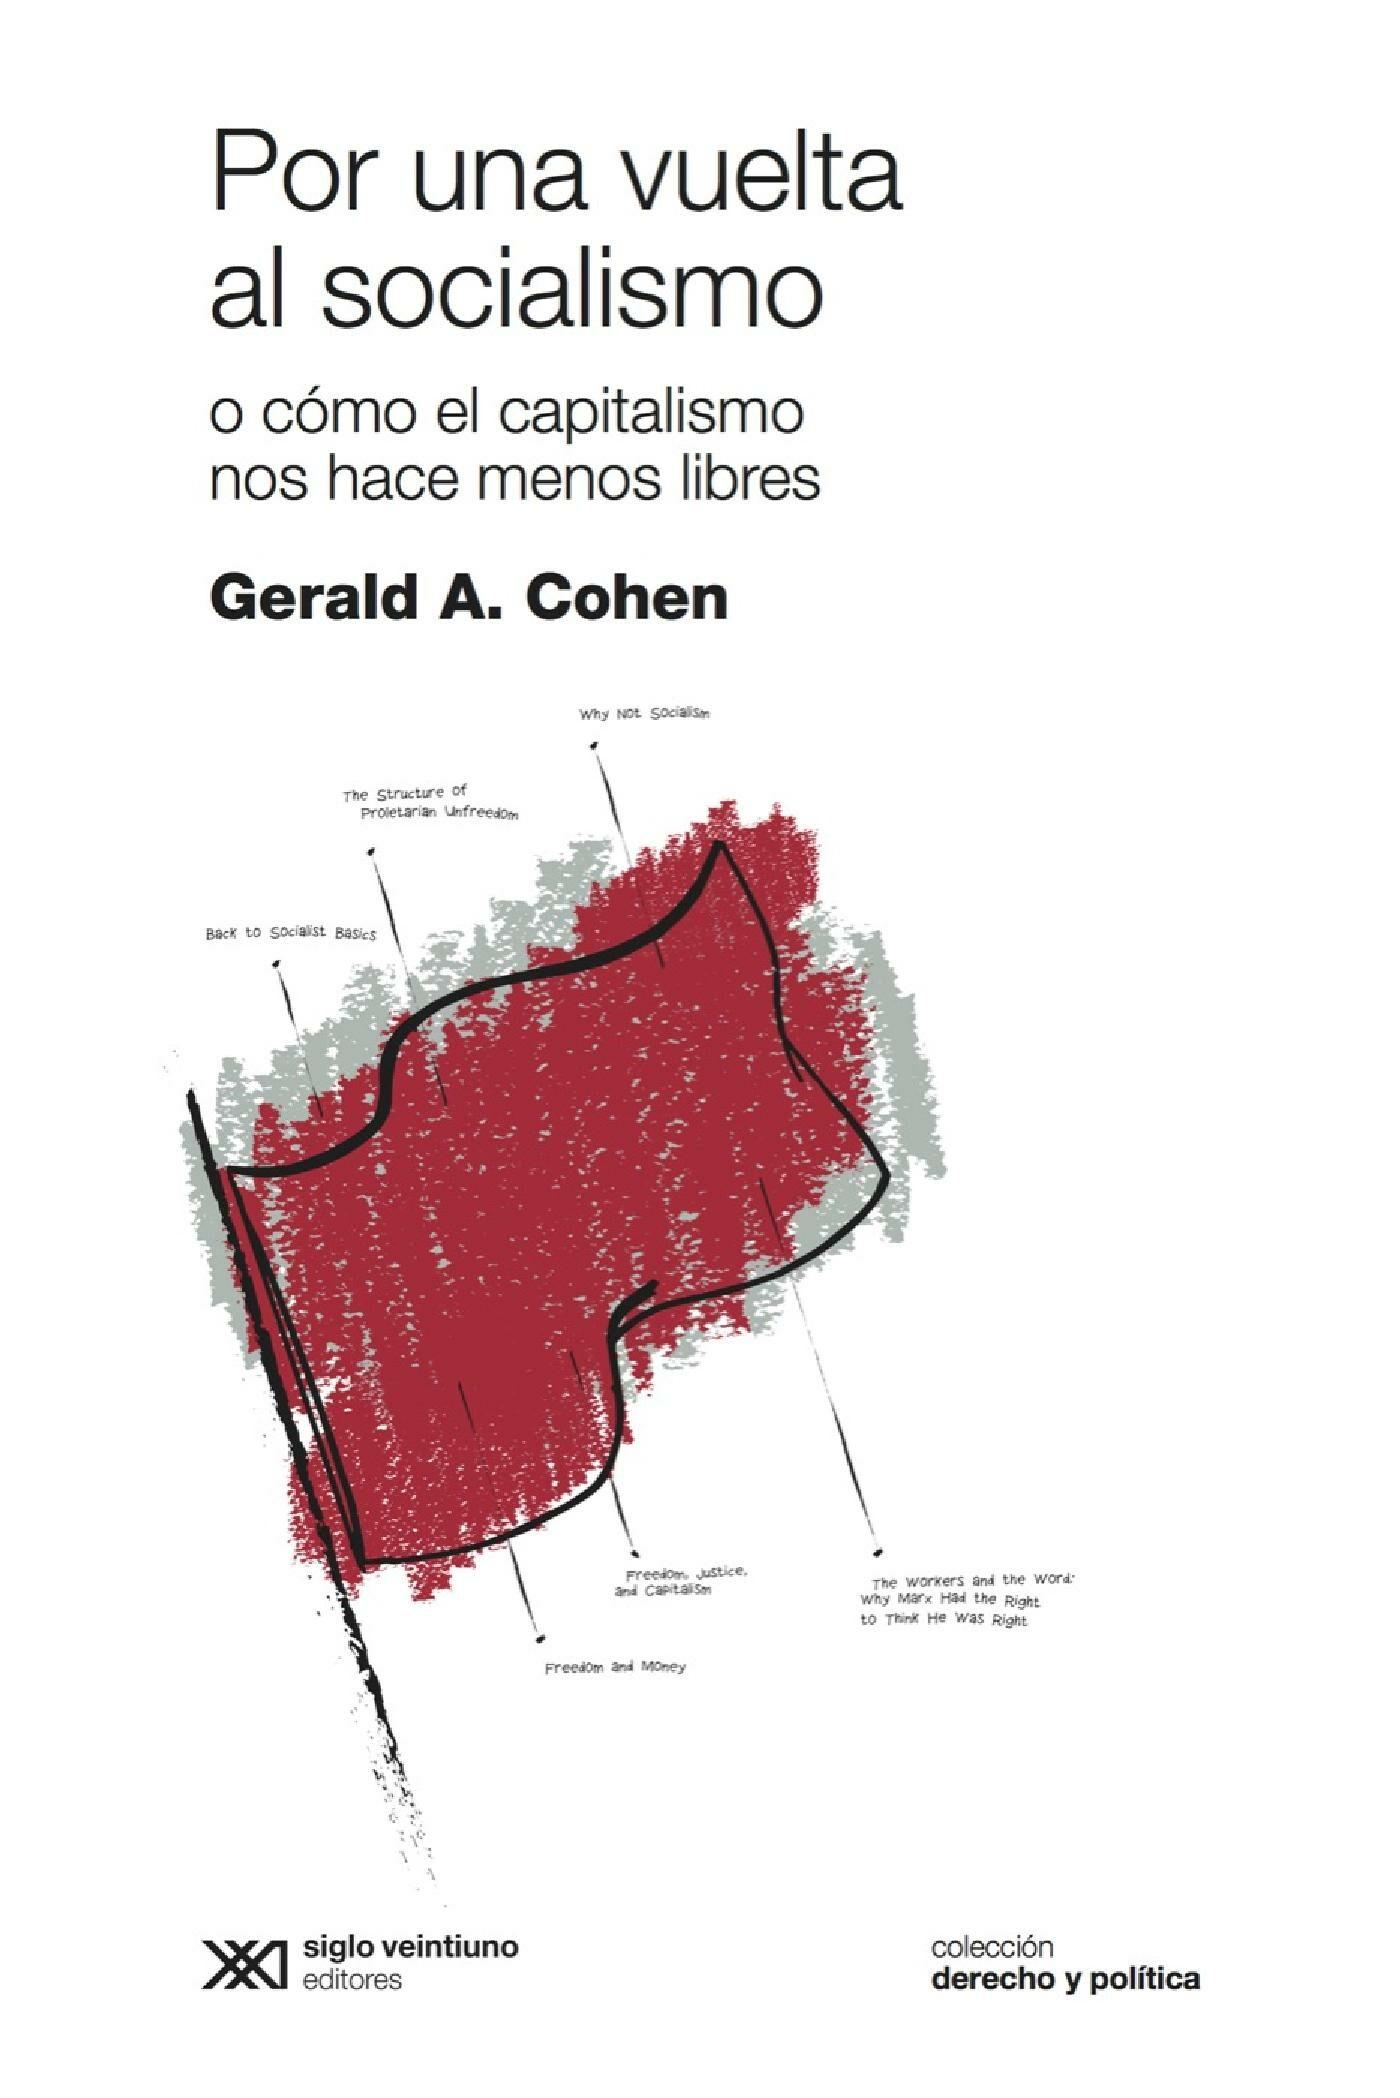 Por una vuelta al socialismo o cmo el capitalismo nos hace menos chale un vistazo por una vuelta al socialismo o cmo el capitalismo nos hace menos libres ebook fandeluxe Image collections